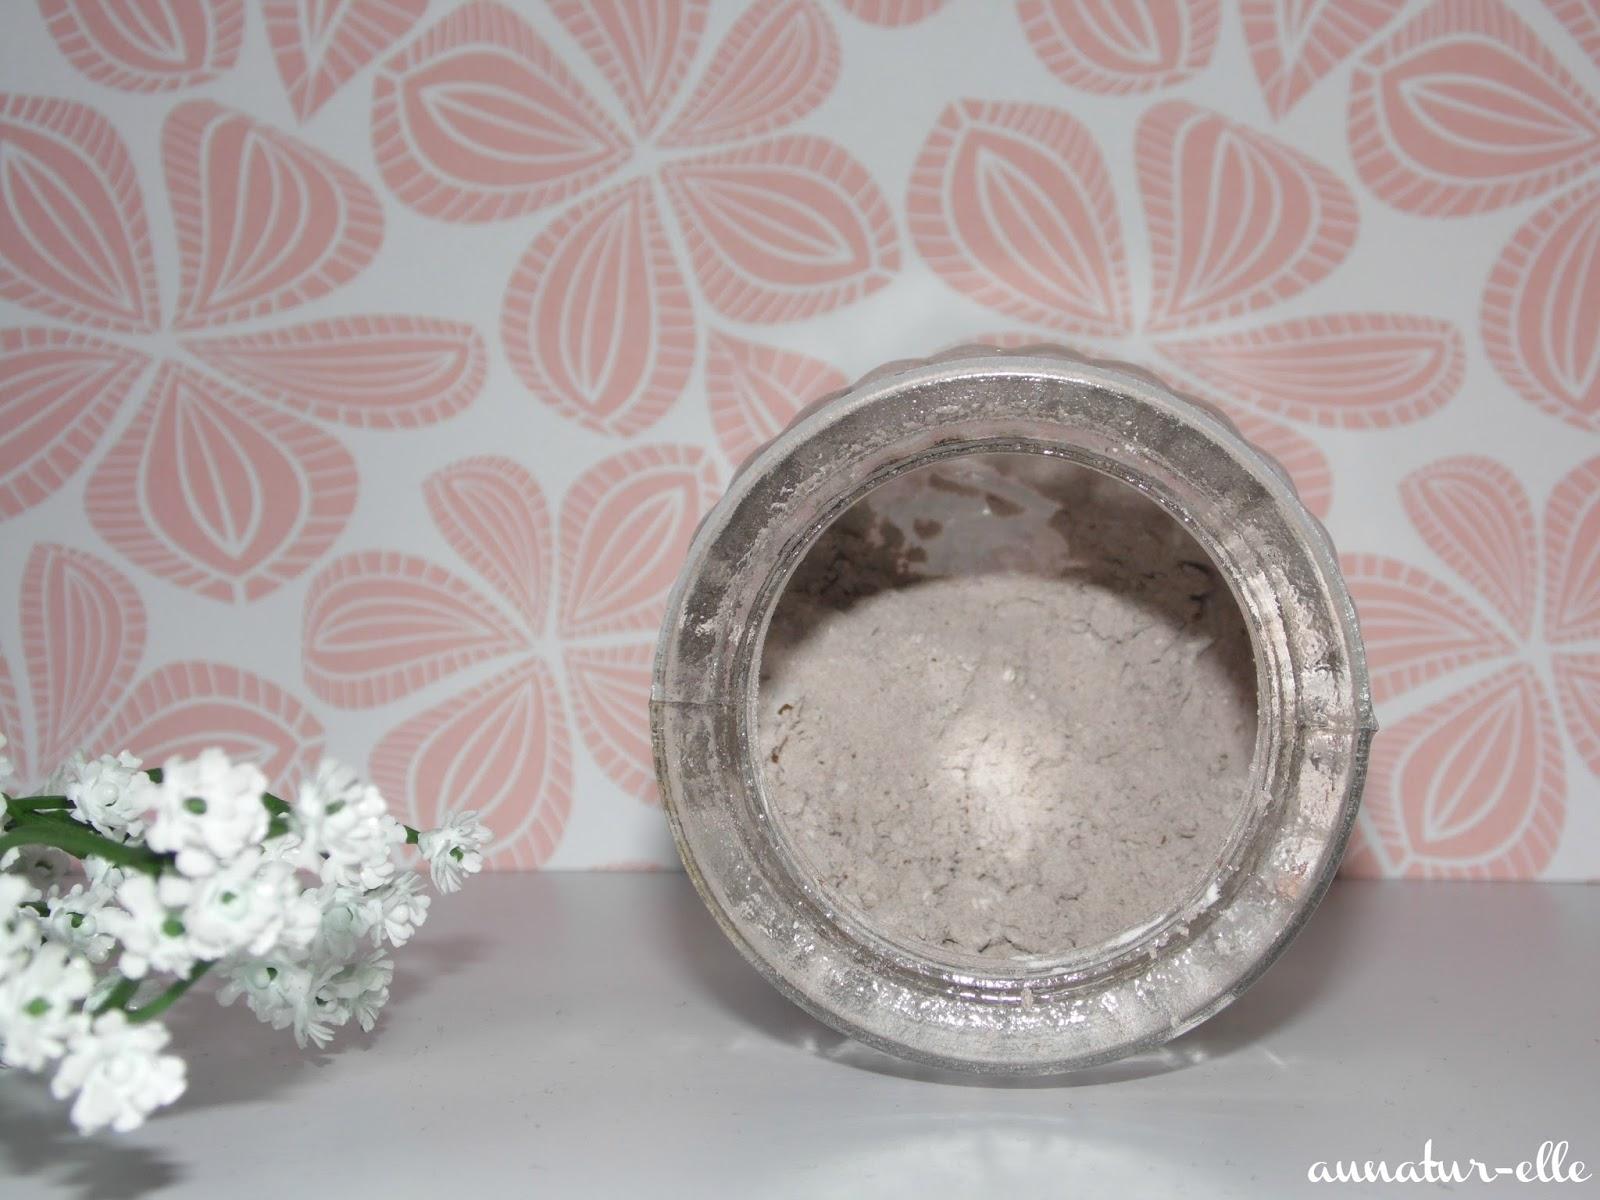 comment faire un shampoing sec maison ventana blog. Black Bedroom Furniture Sets. Home Design Ideas